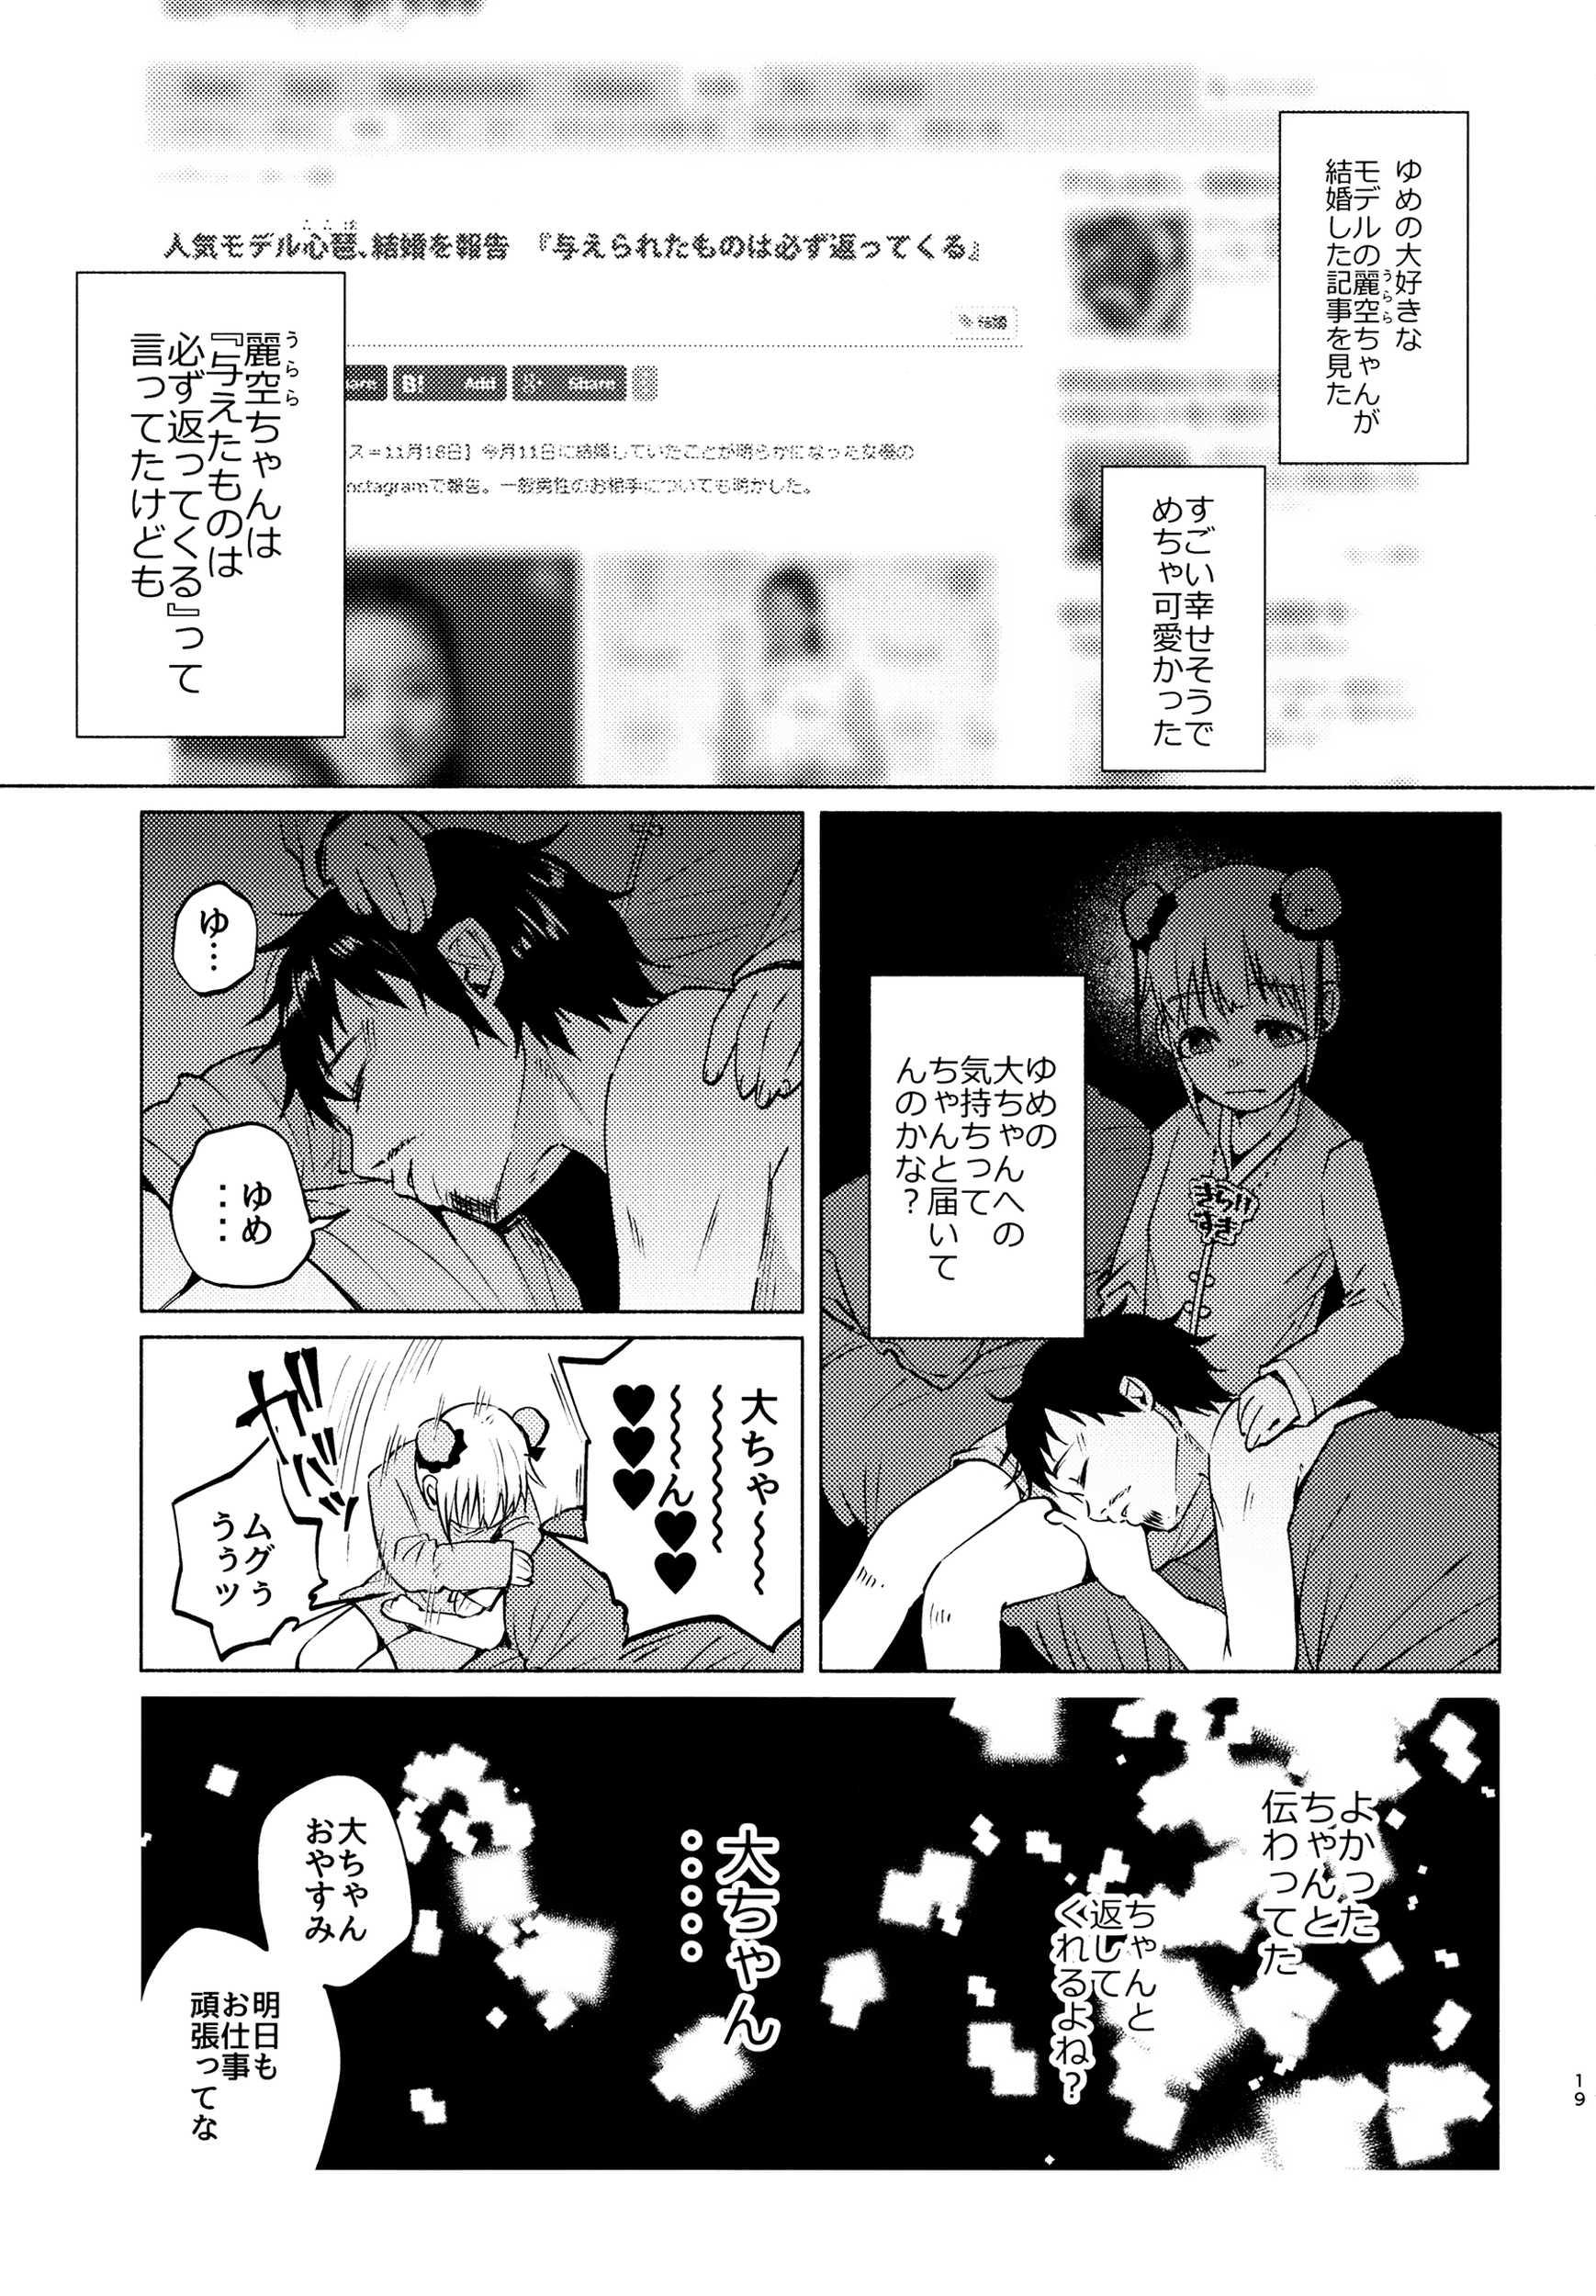 【エロ漫画】ウブな田舎娘に手を出したらヤンデレ化して逆レイプされるww【無料 エロ同人誌】 (18)